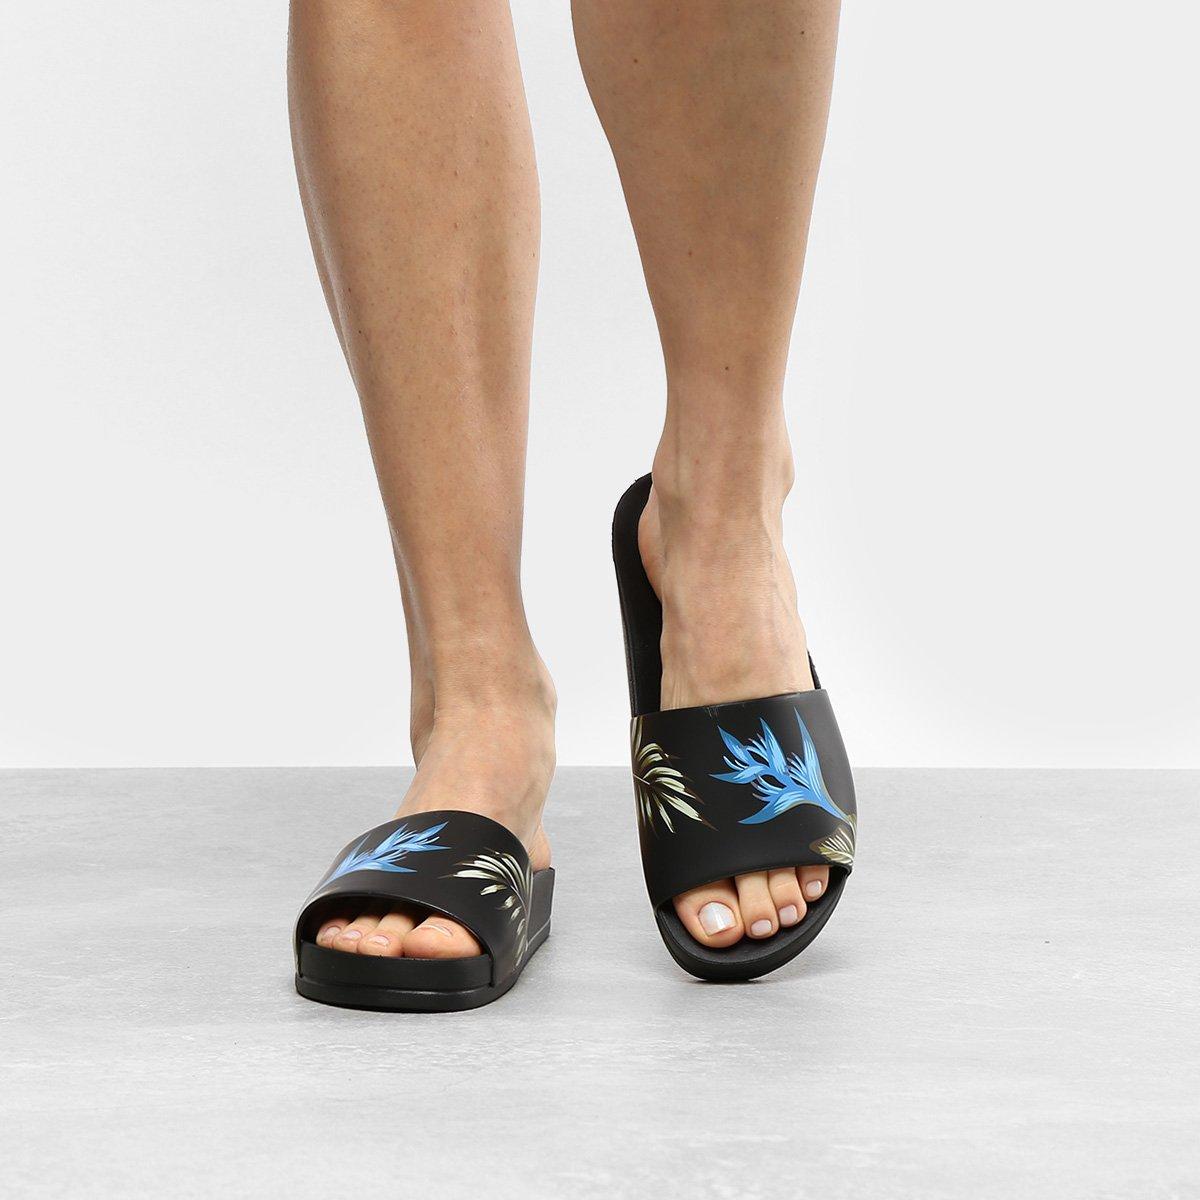 b3325f6e6b Chinelo Azaleia Slide Estampa Tropical Feminino - Preto e Azul